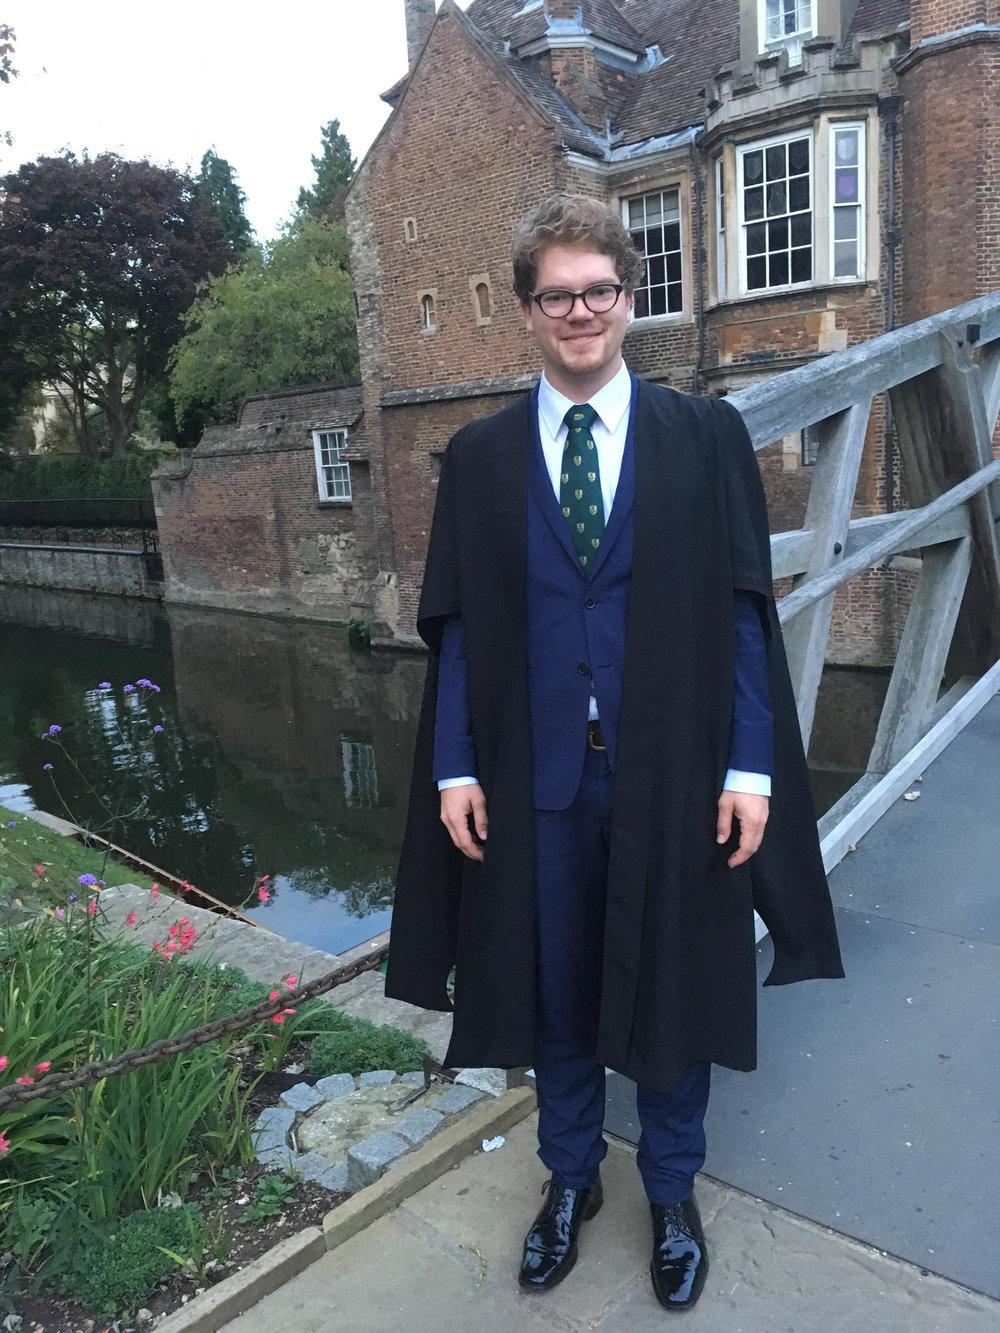 """Adrian på campus på vei til formal dinner - ikledd """"gown"""" . Foto: Privat"""